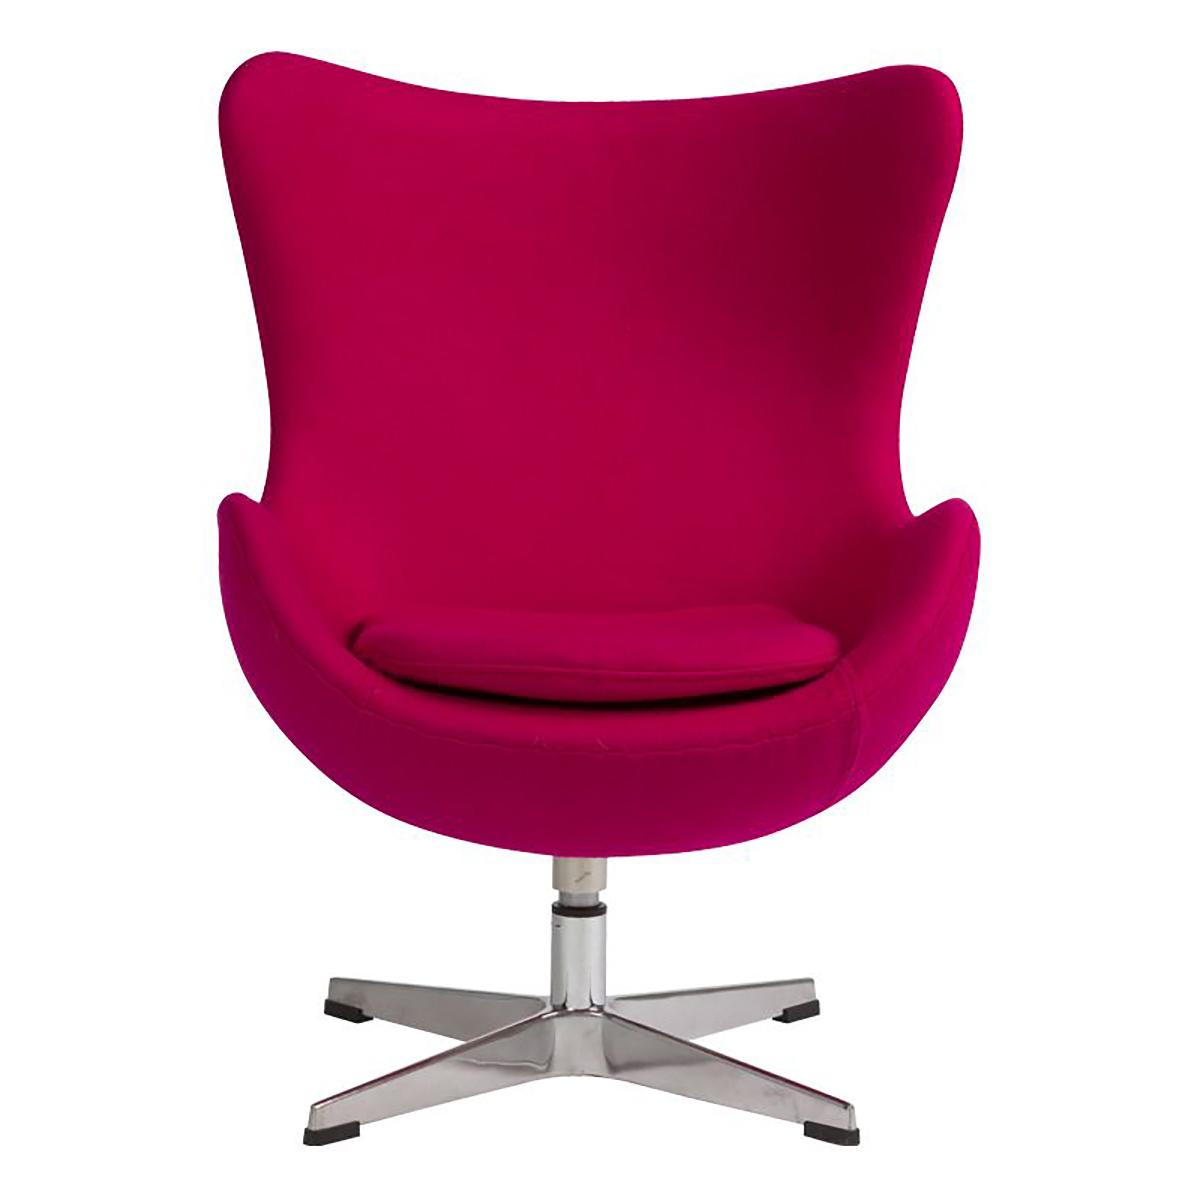 Купить Детское кресло Egg Chair Малиновое 100% Шерсть в интернет магазине дизайнерской мебели и аксессуаров для дома и дачи